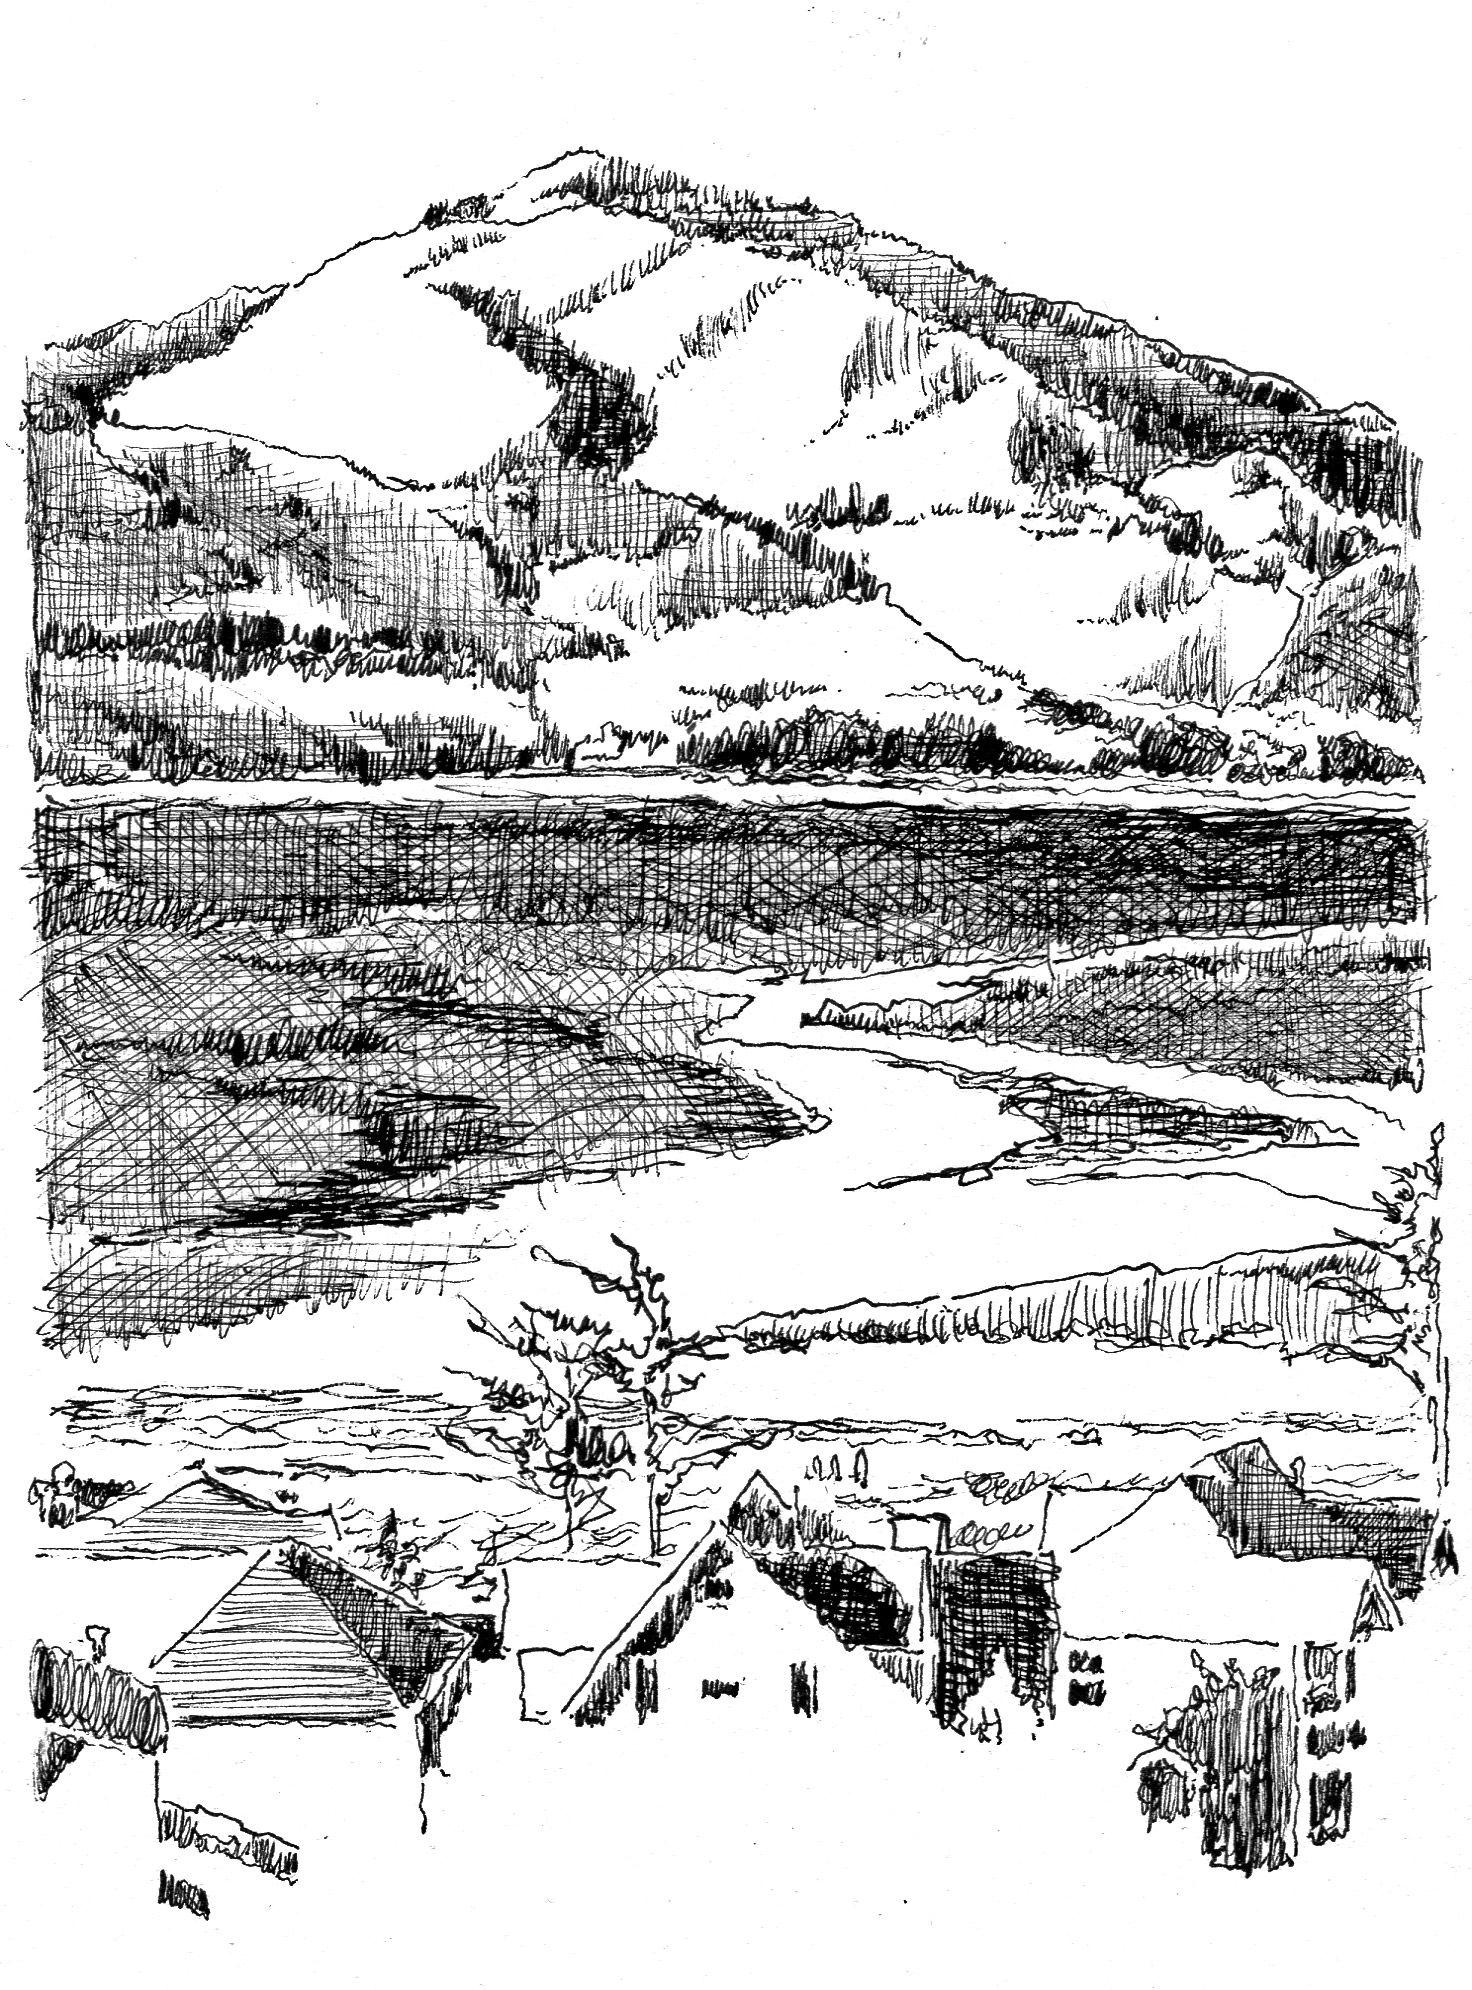 Line Drawing Garden : Line drawing landscape general illustration